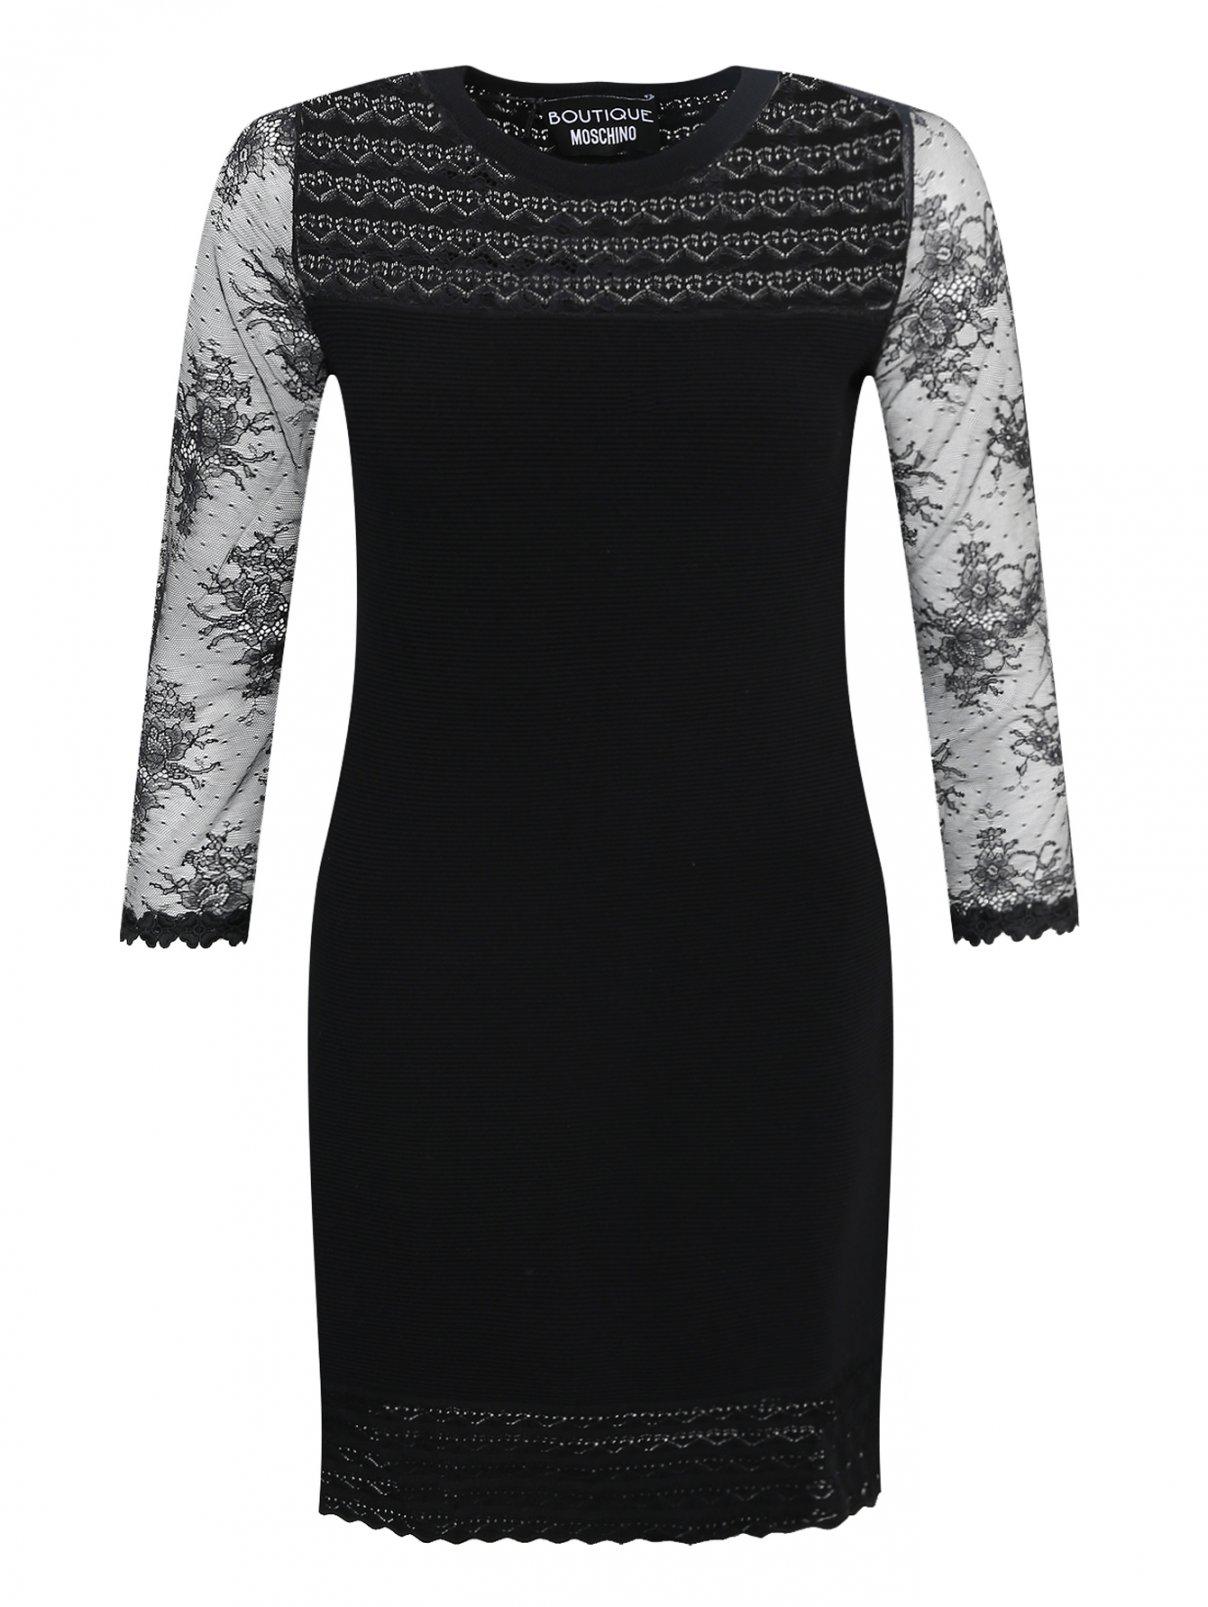 Платье с кружевной отделкой Moschino Boutique  –  Общий вид  – Цвет:  Черный